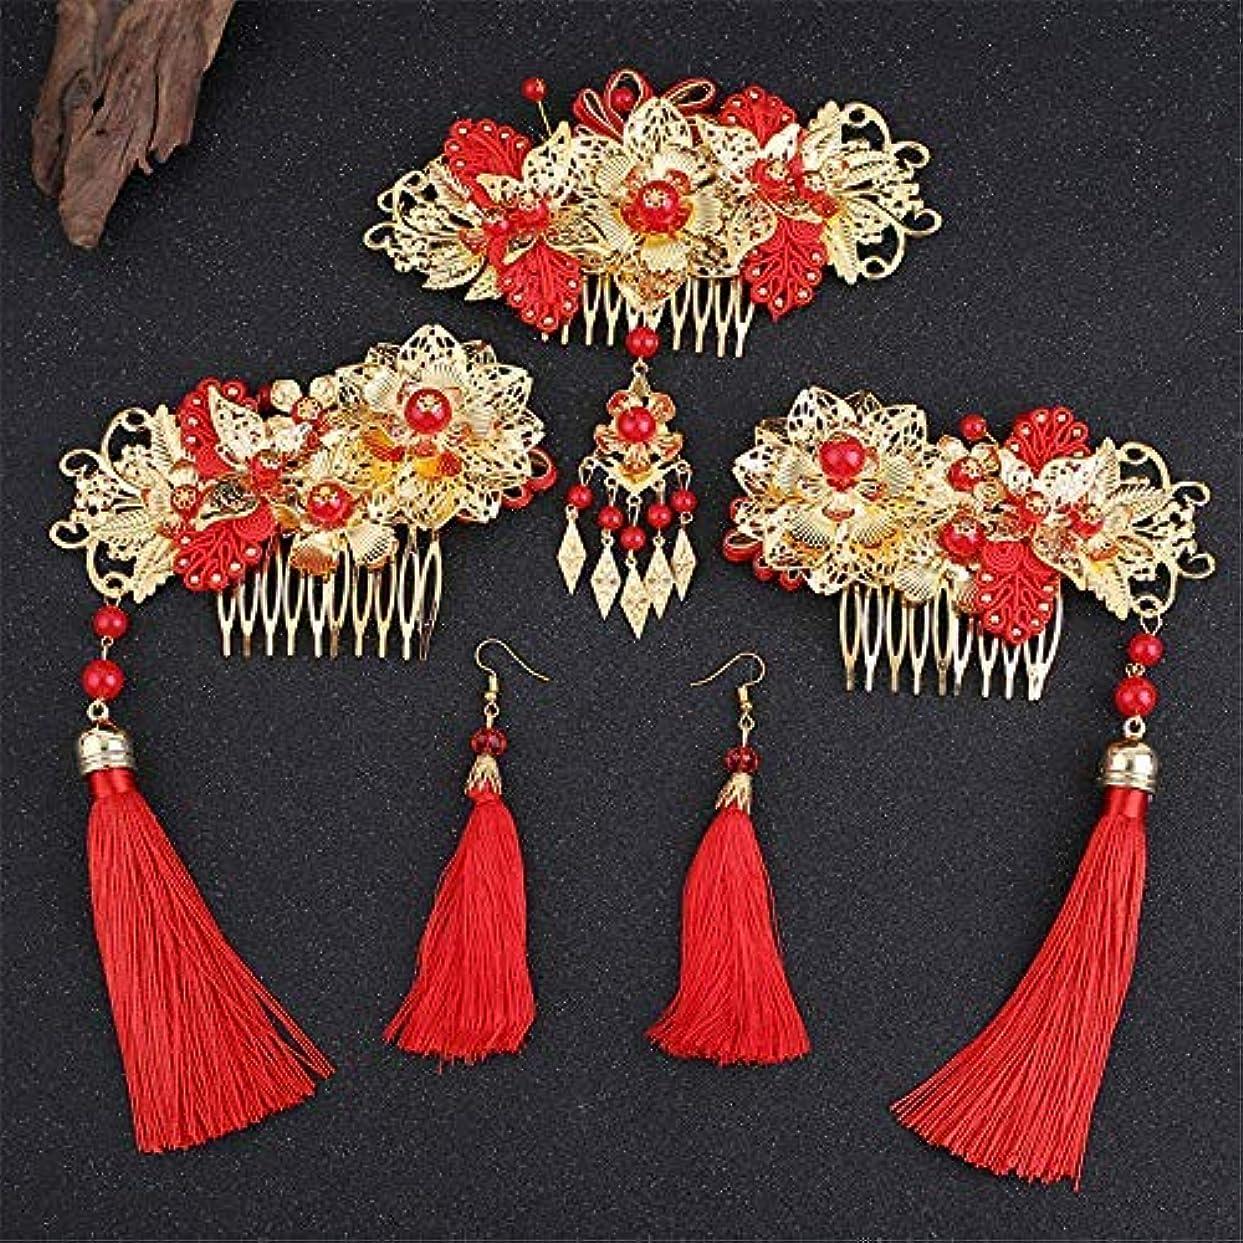 気晴らし別れるとんでもないWedding Classical Traditional Chinese Wedding Bride Hair Accessory With Combs wedding accessories [並行輸入品]